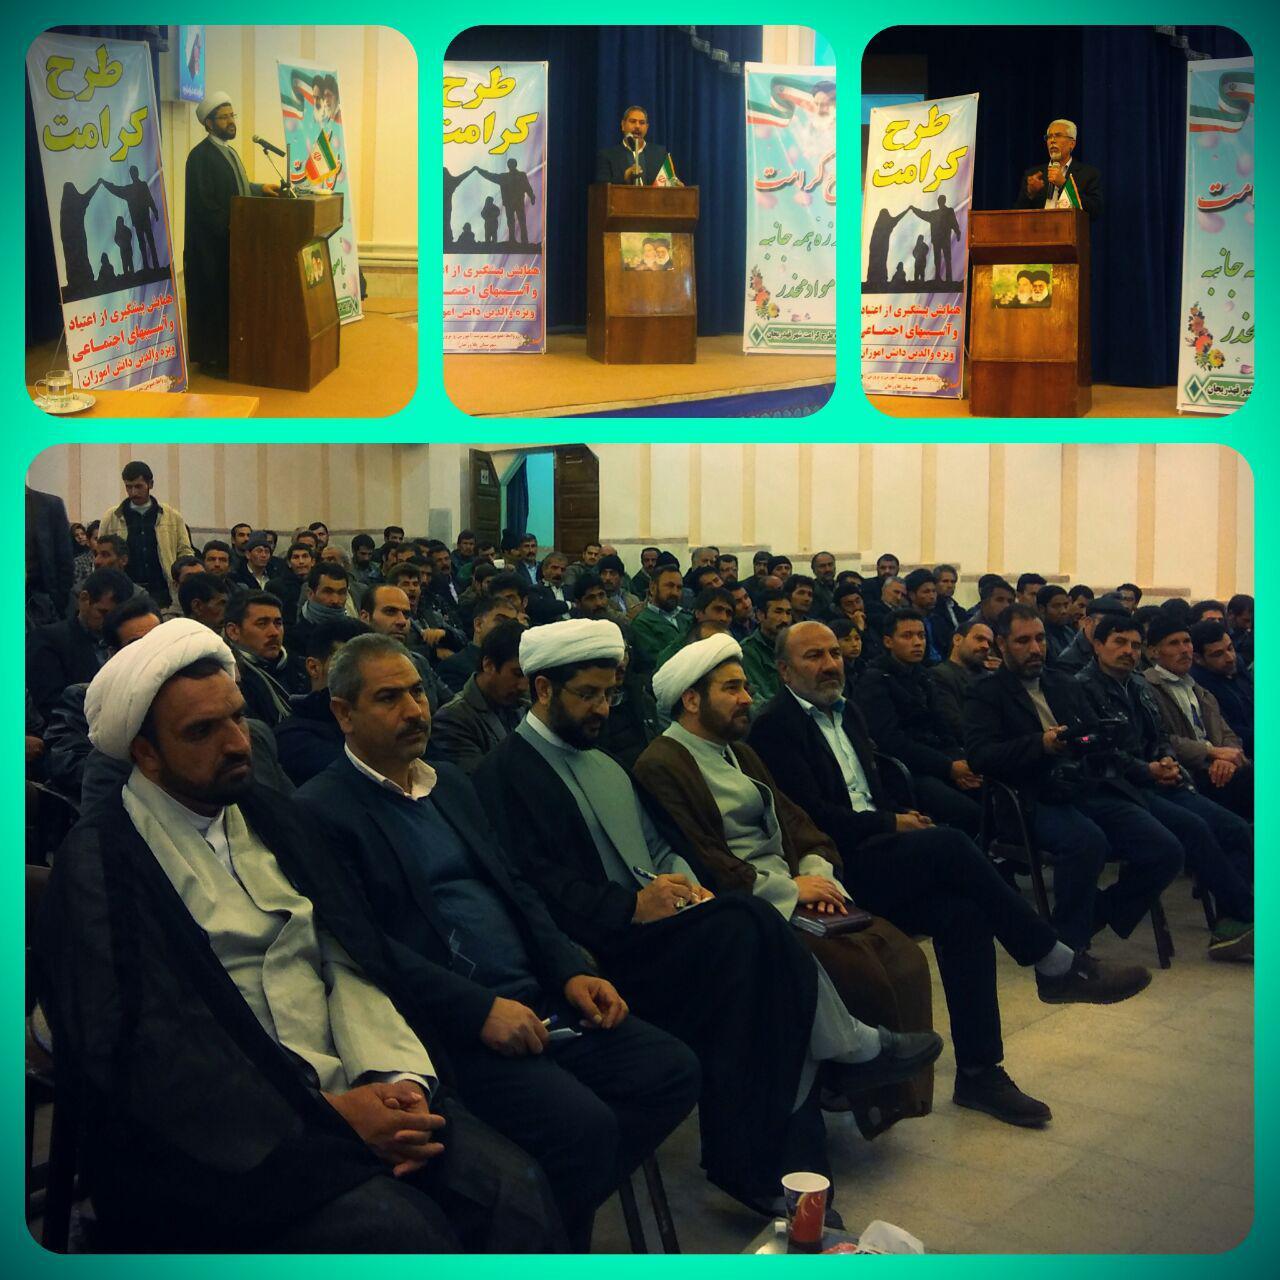 اولین جلسه قرارگاه طرح کرامت قهدریجان در بنیاد آیت الله خامنه ای با حضور اولیا دانش آموزان مدارس: